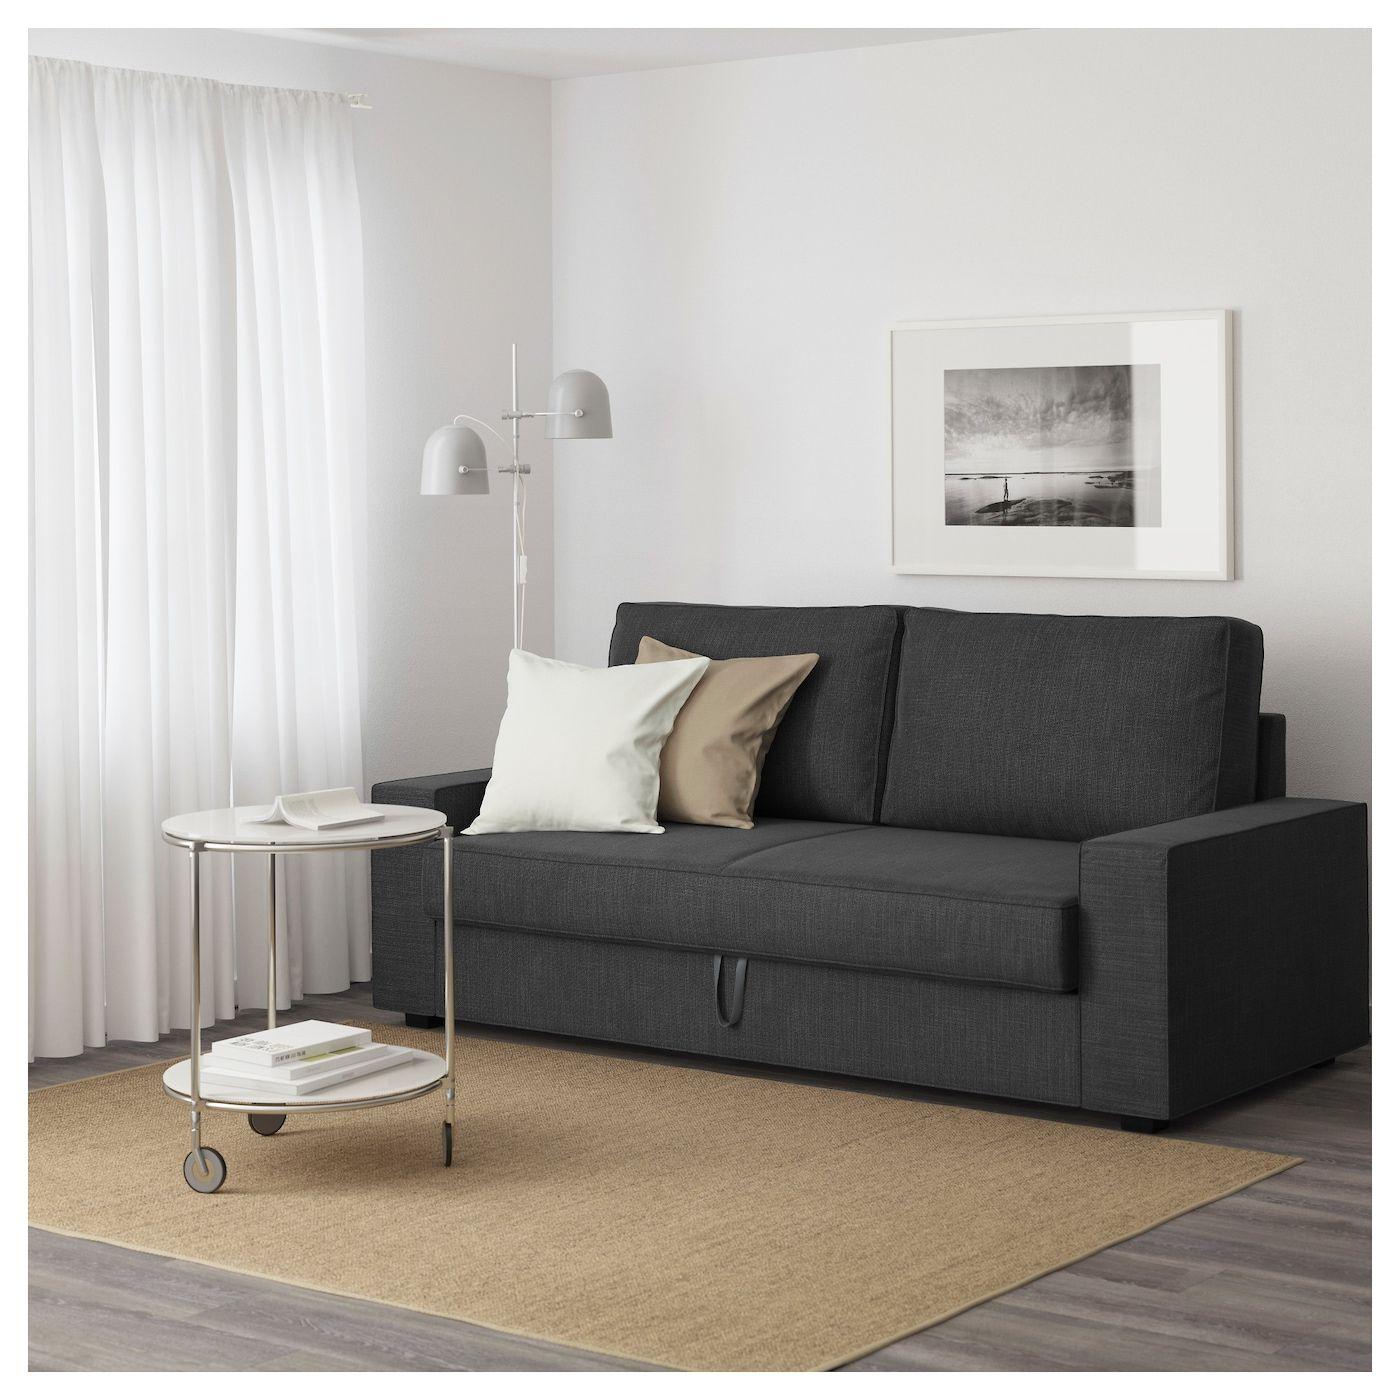 2 Zits Slaapbank Antraciet.Vilasund 3 Zitsslaapbank Hillared Antraciet Furniture Sofa